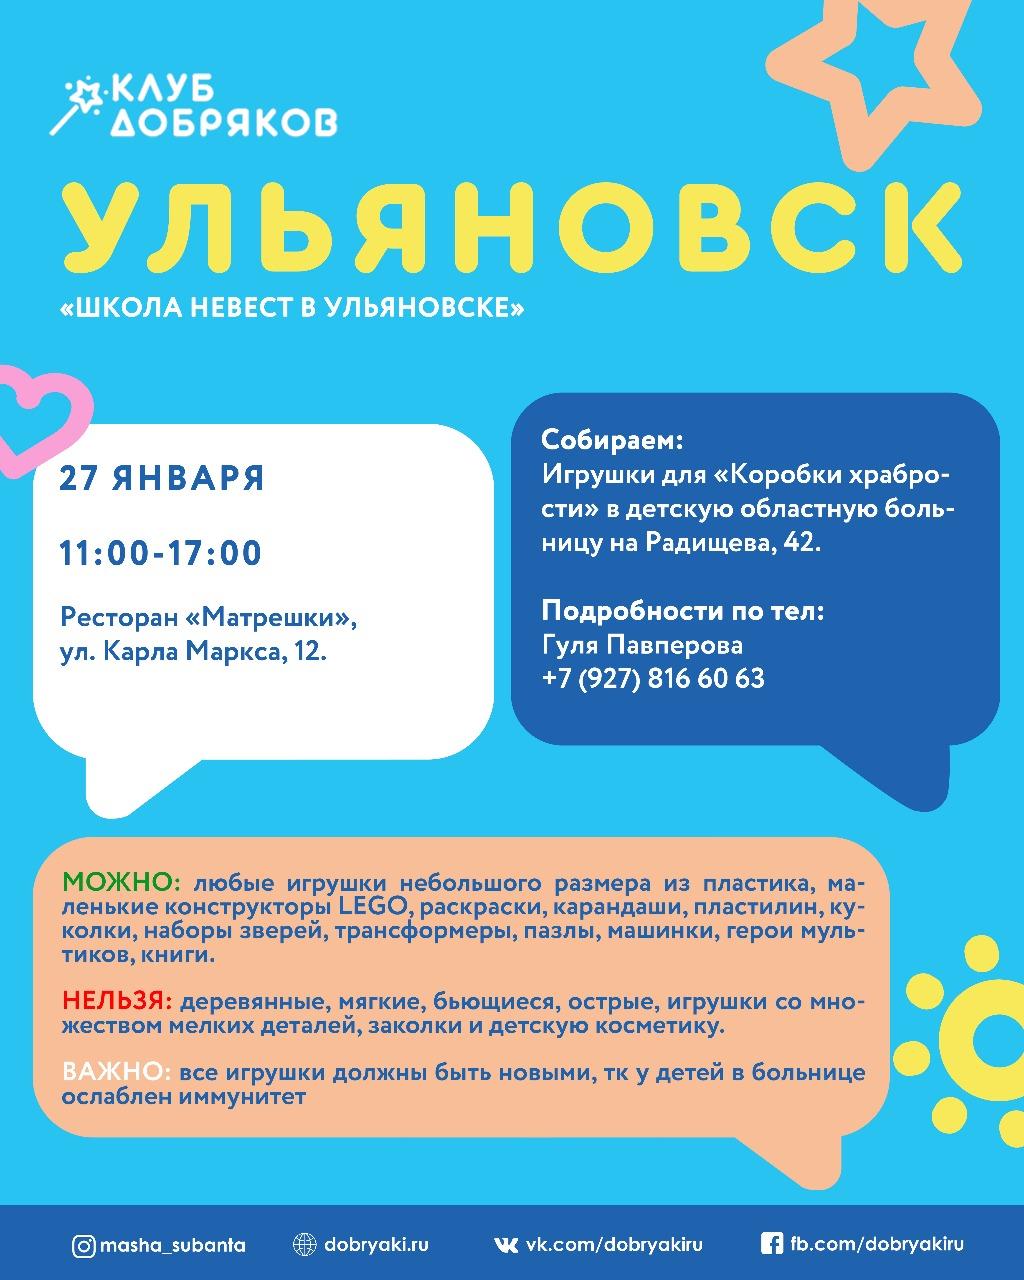 Сбор игрушек в Ульяновске